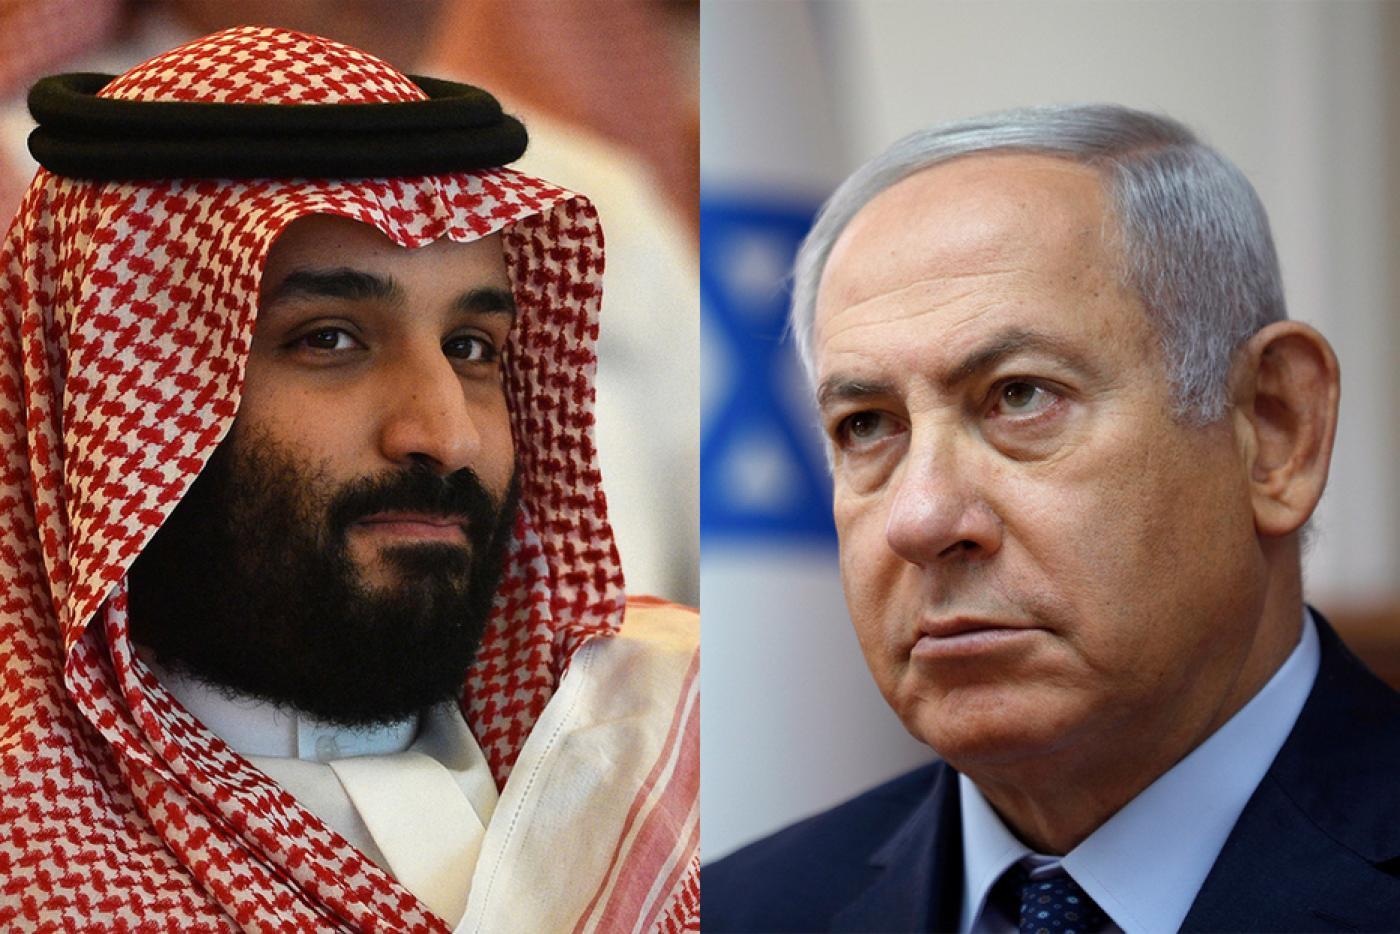 صورة بن سلمان أدخل نتنياهو للسعودية دون علم الملك..مصدر كبير يكشف المستور